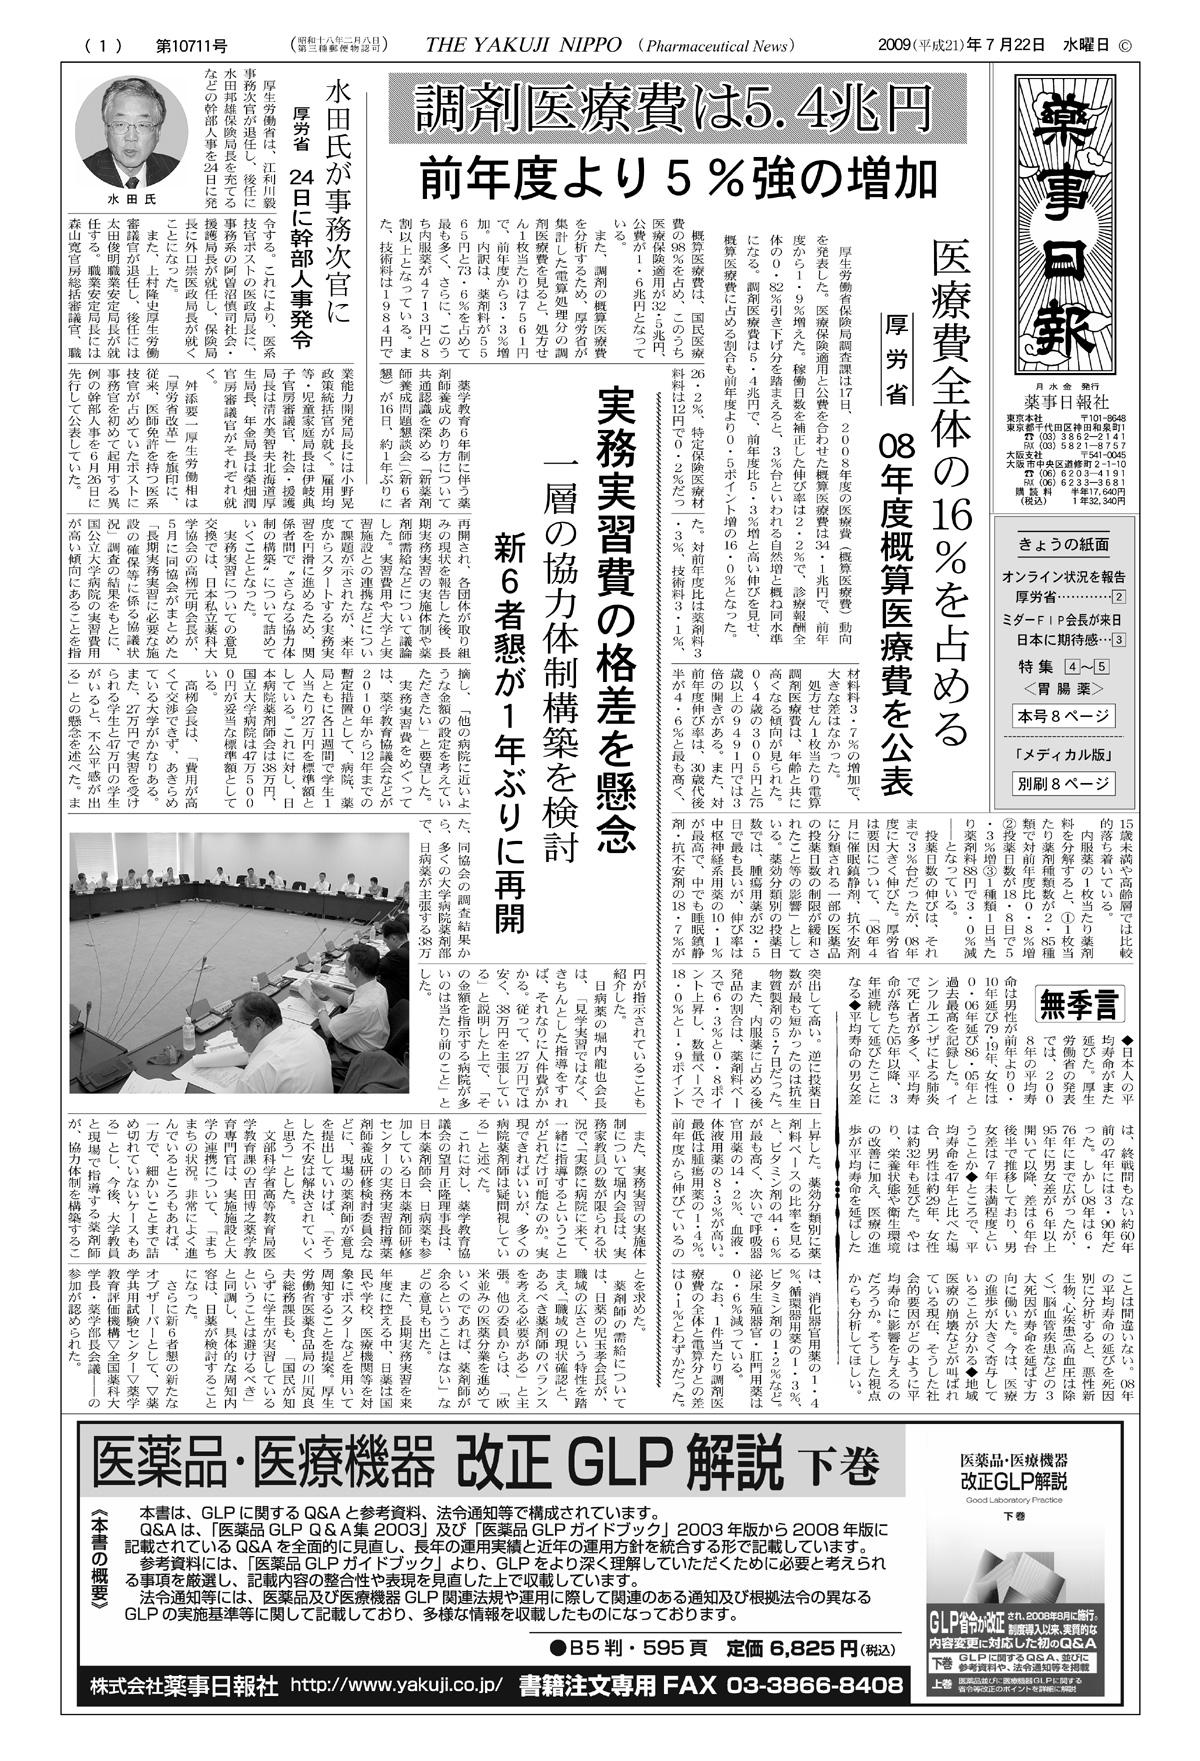 【試読】薬事日報 2週間